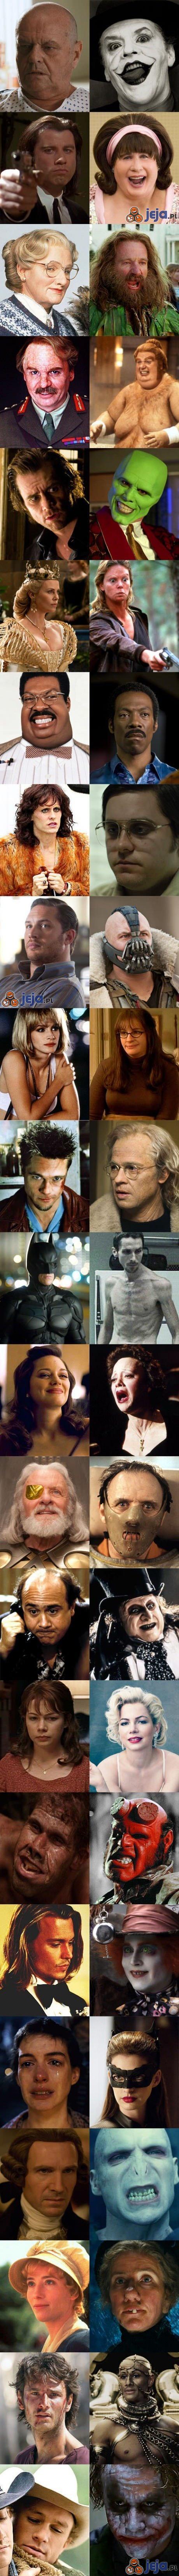 Aktorzy i ich odmienne role